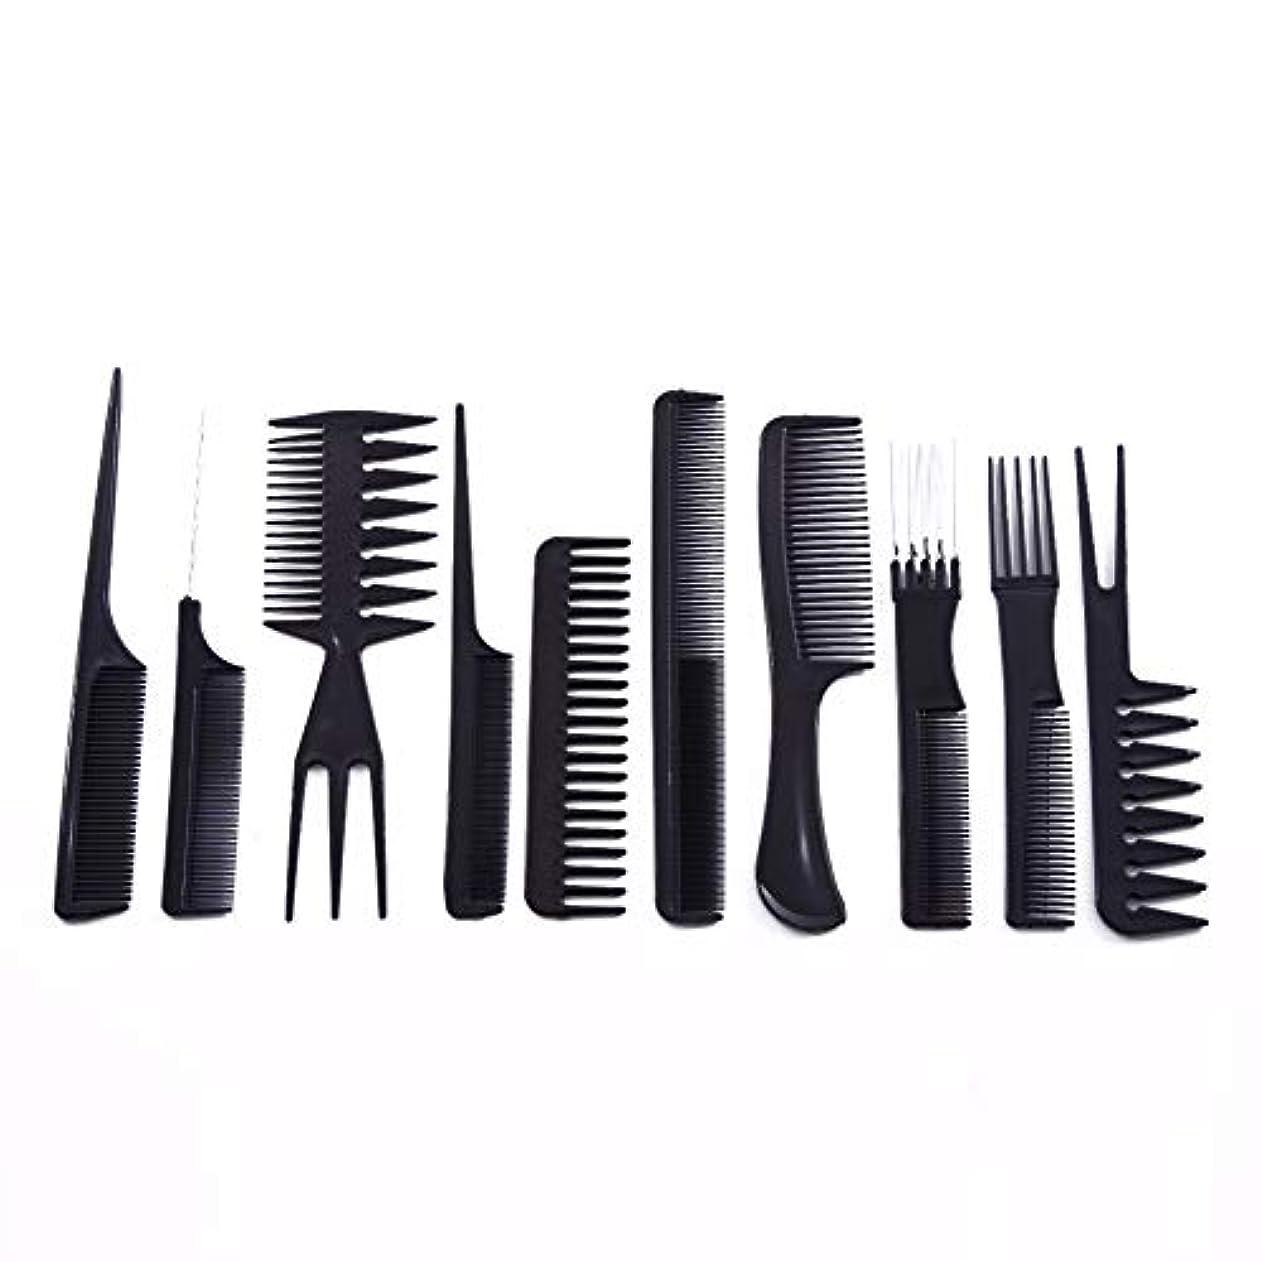 長さ今日男10ピース/セットプロのヘアブラシ櫛サロン理容帯電防止ヘアコームヘアケアスタイリングツール用すべての髪タイプ